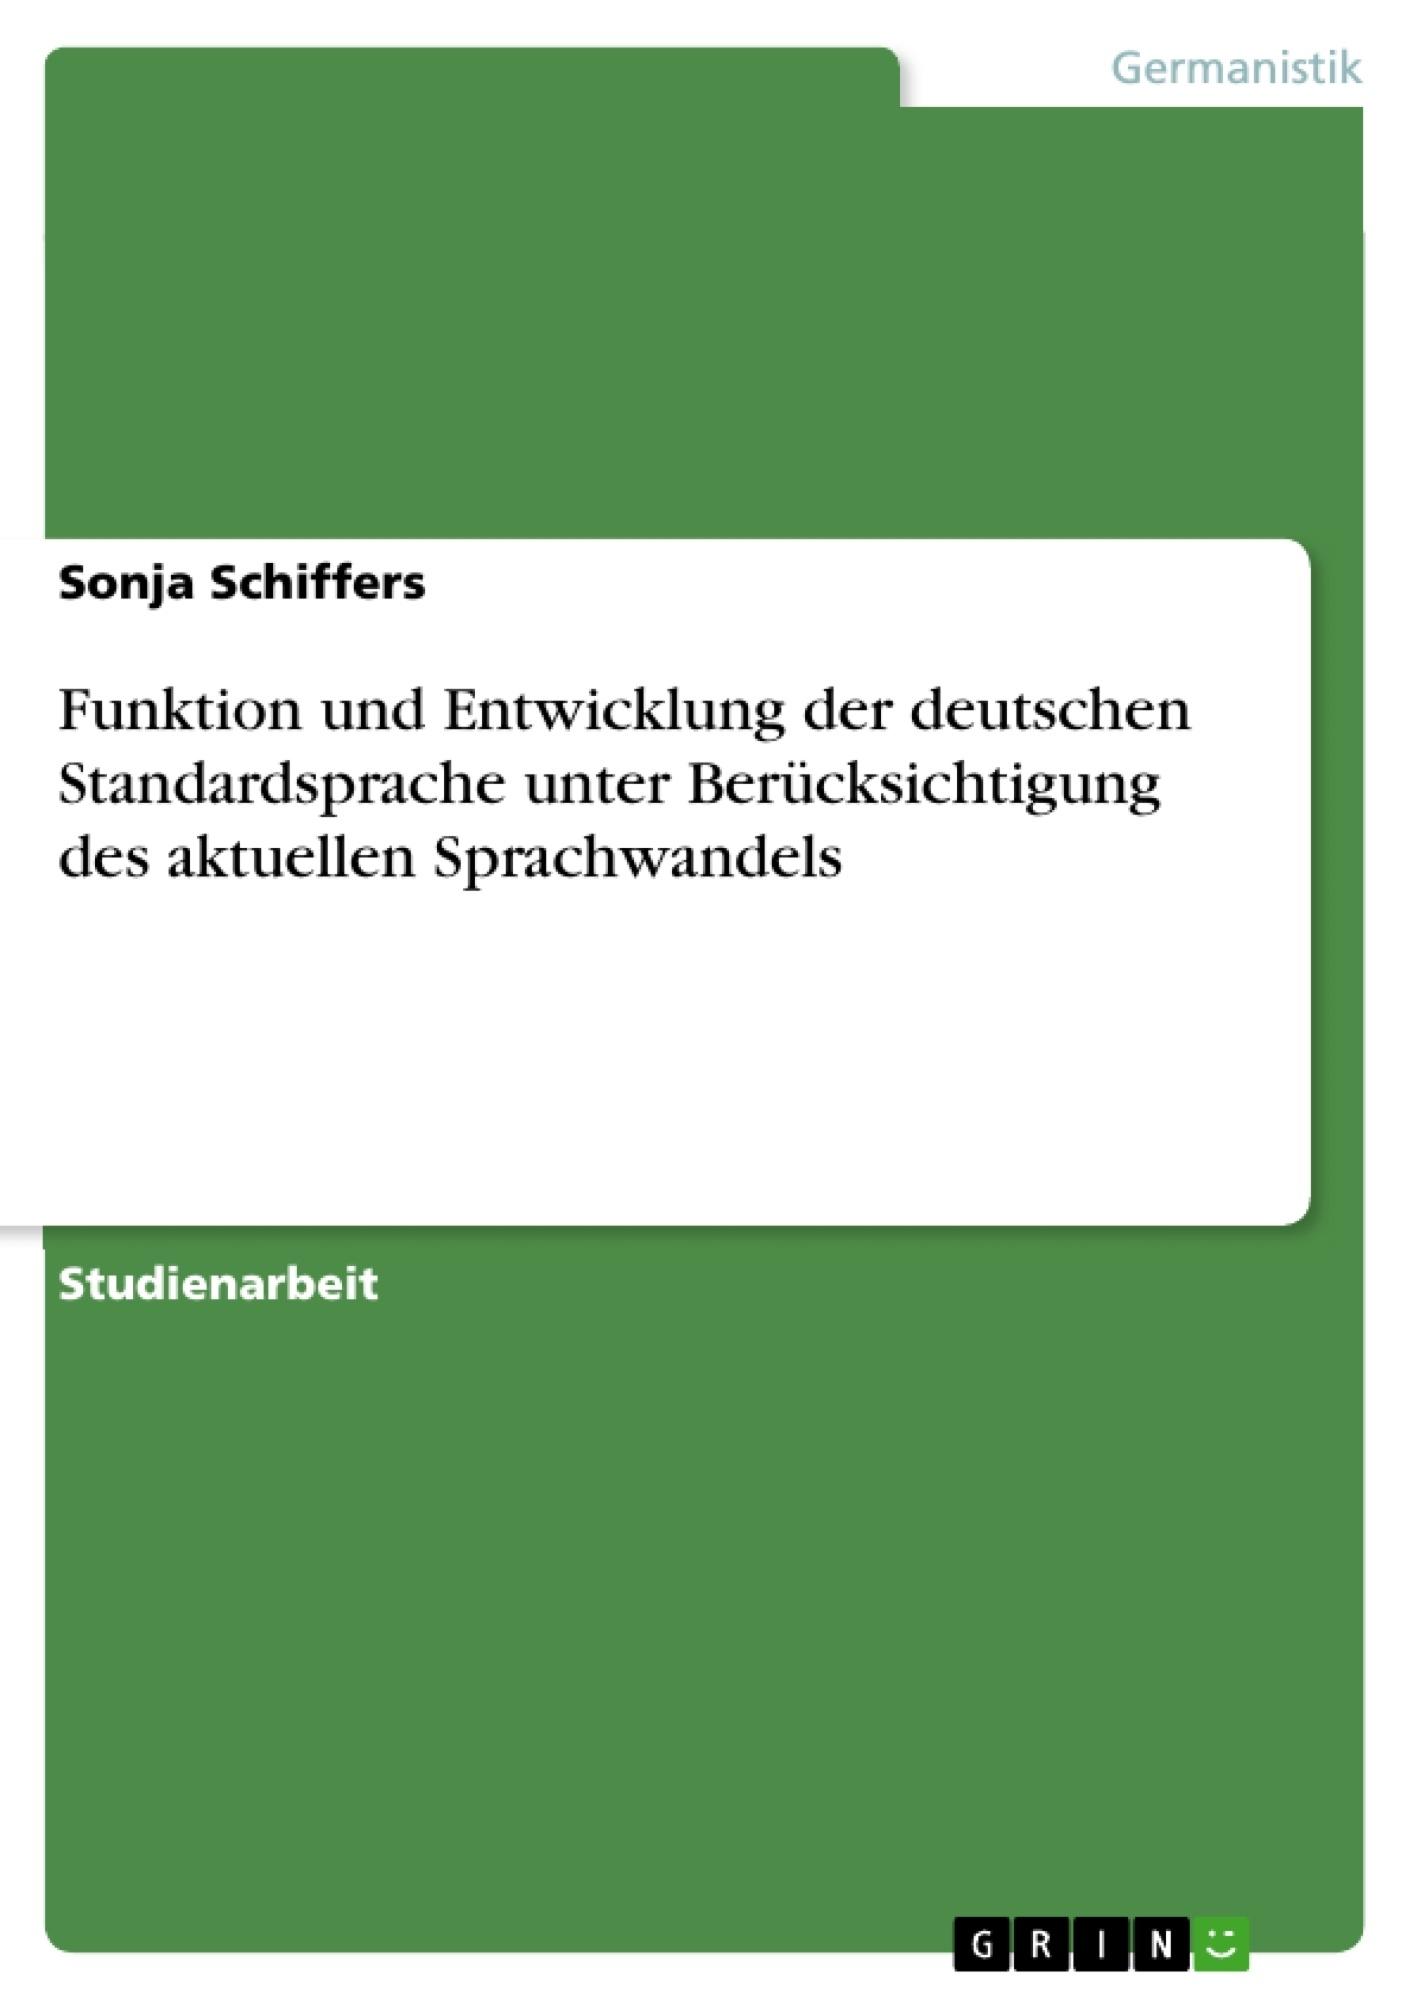 Titel: Funktion und Entwicklung der deutschen Standardsprache unter Berücksichtigung des aktuellen Sprachwandels